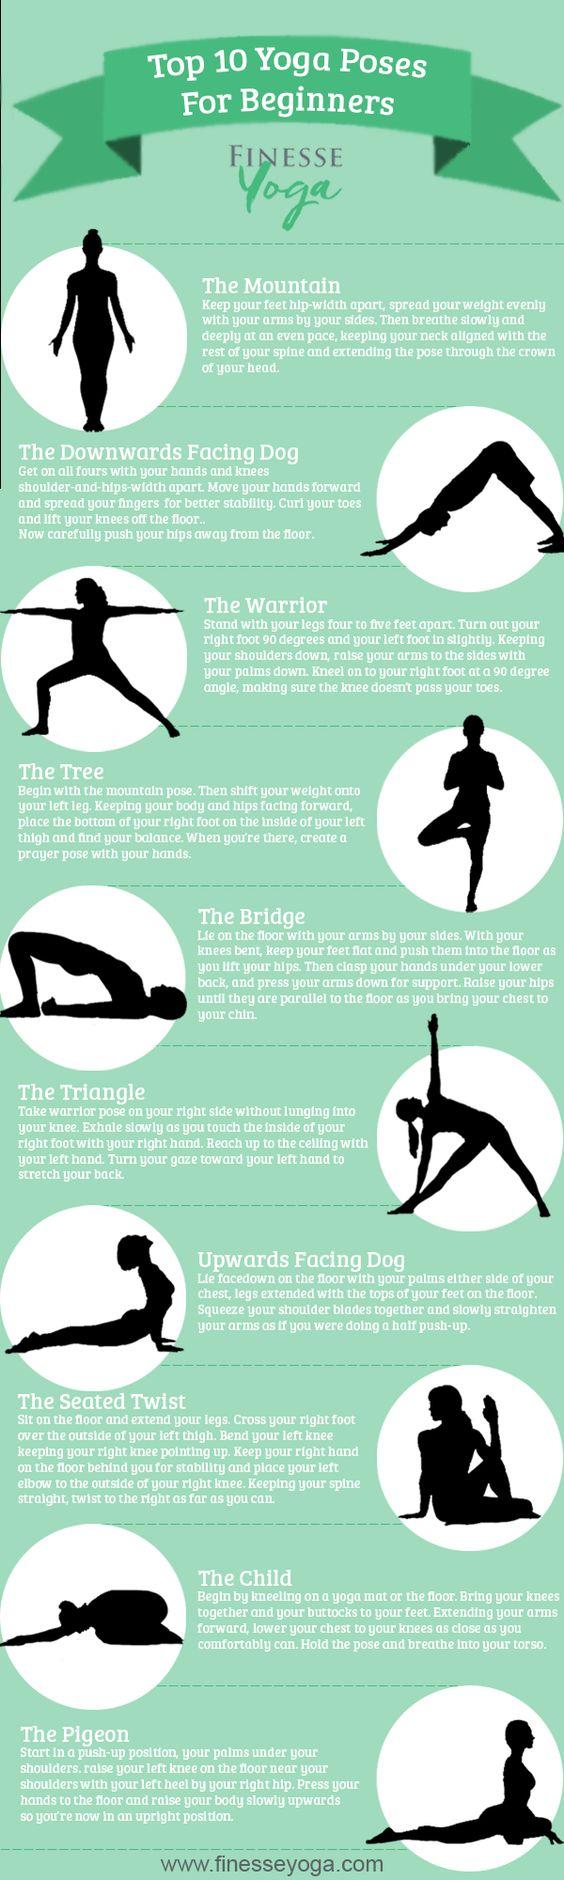 Gemeinsame Yoga für Anfänger - Übungen, Erfahrung, Definition und Arten &XK_18